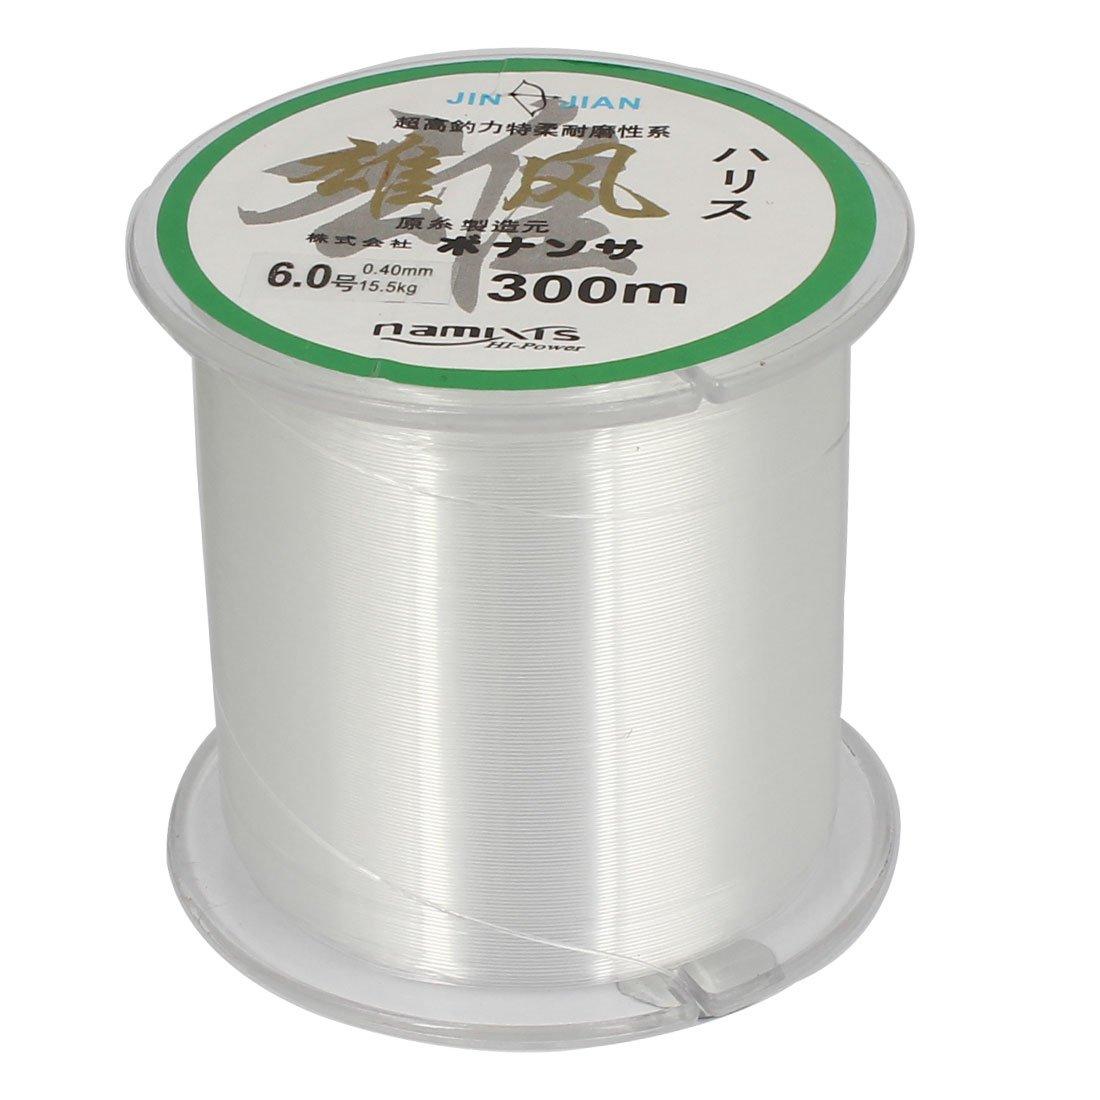 Hilo De Nylon Sedal Carrete 6.0# 15,4 Kg 0.40mm Dia M 299,9 Transparente Sourcingmap a14102100ux0493